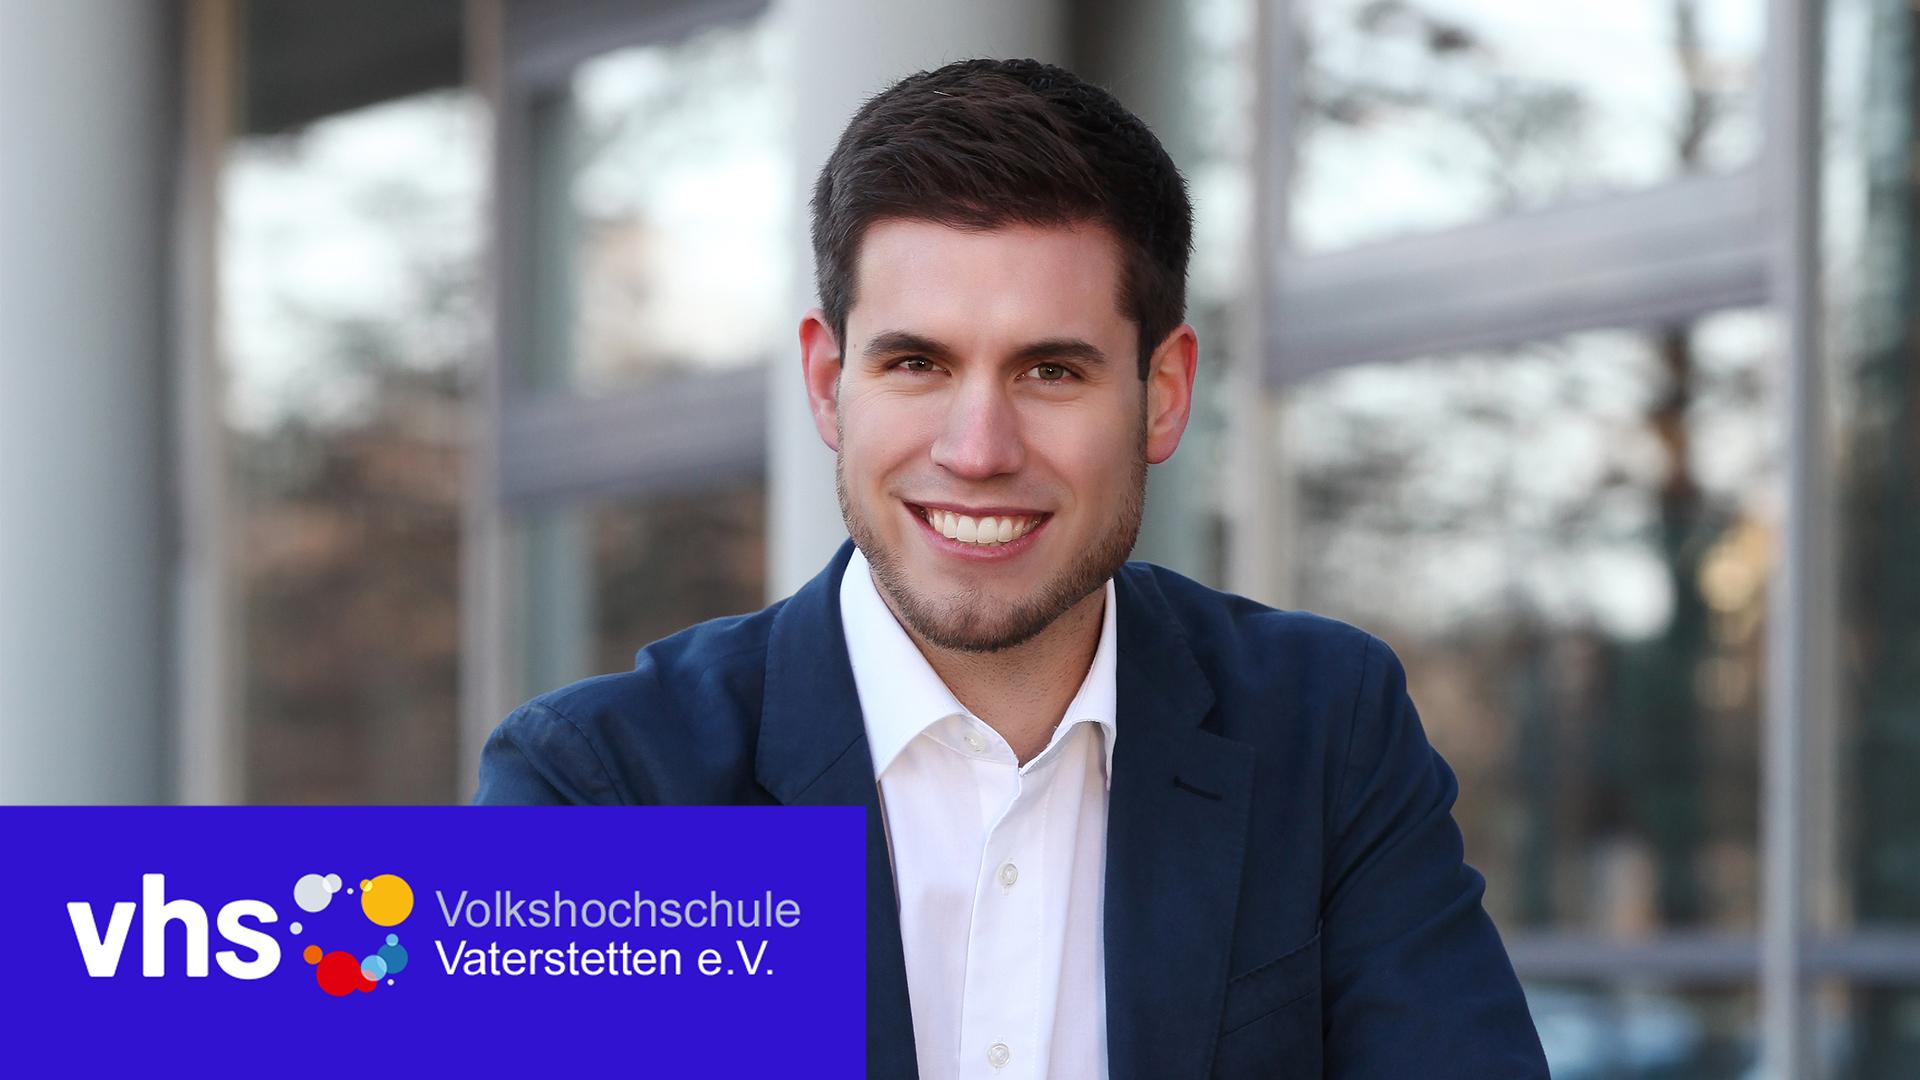 VHS - Christian Winklmeier